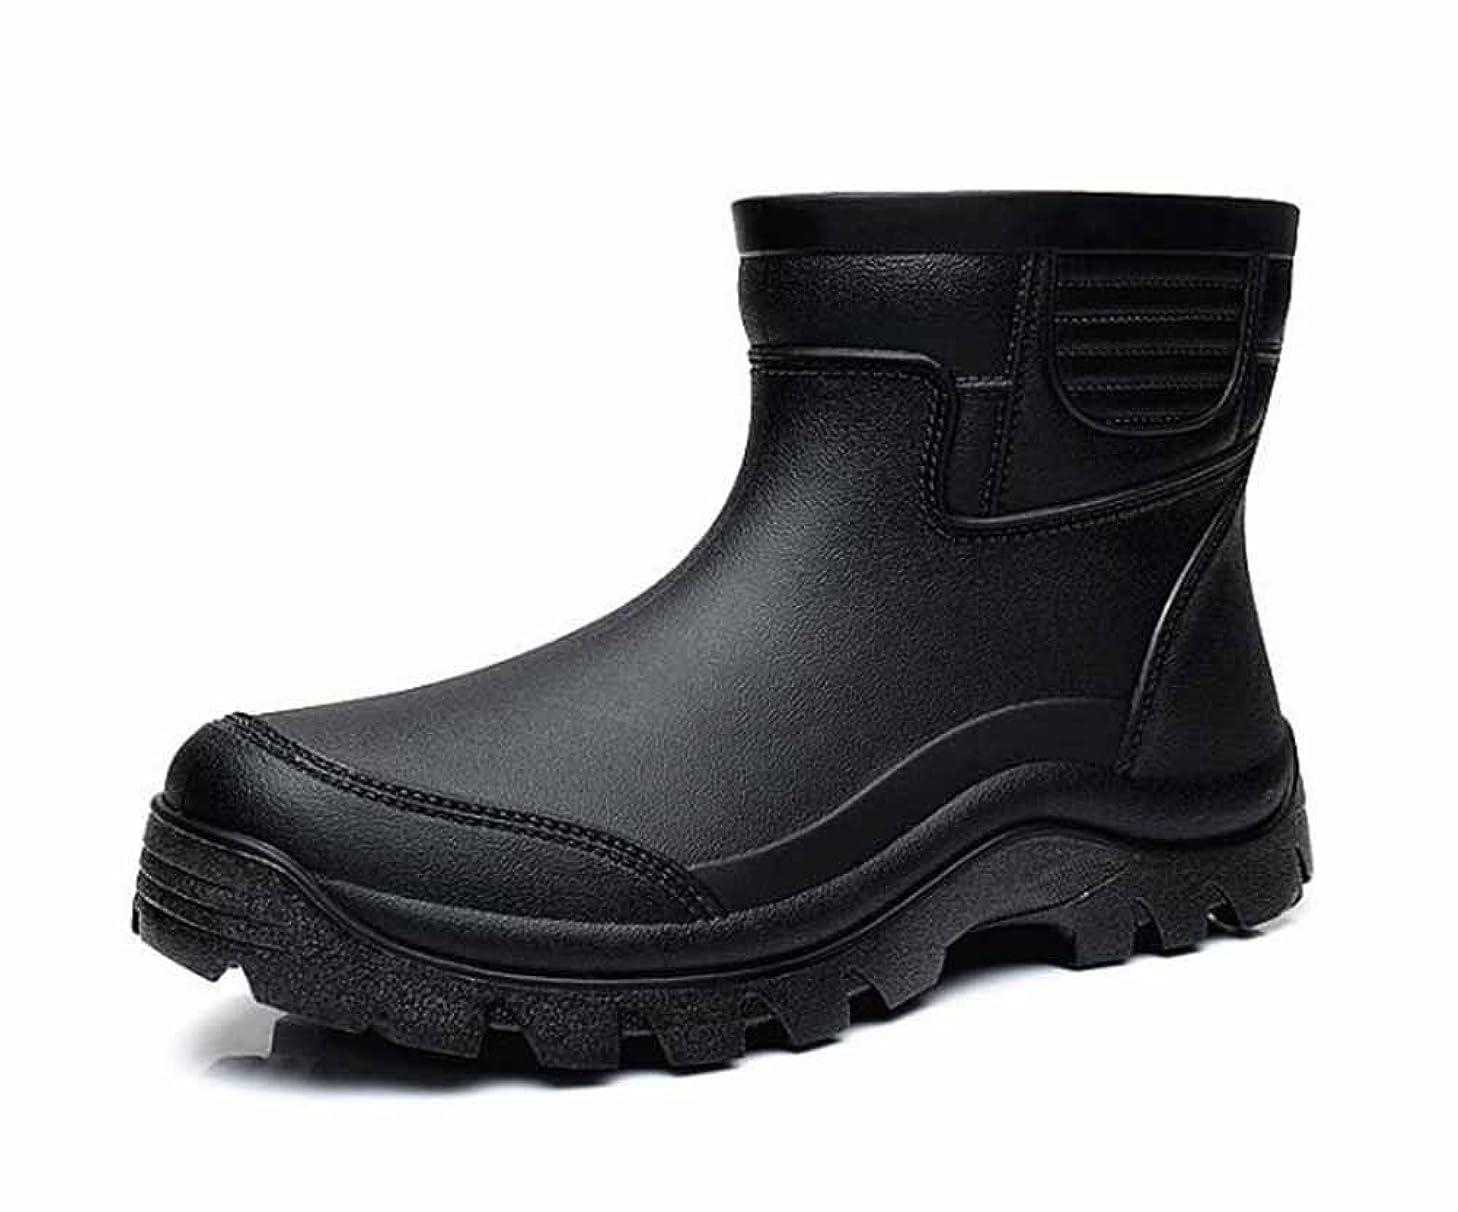 シャベル手順幹[EmiShoes] レインシューズ レインブーツ メンズ レディース ショット雨靴 短靴 男女兼用 おしゃれ 晴れの日にも履きたい 快適 防水 耐滑